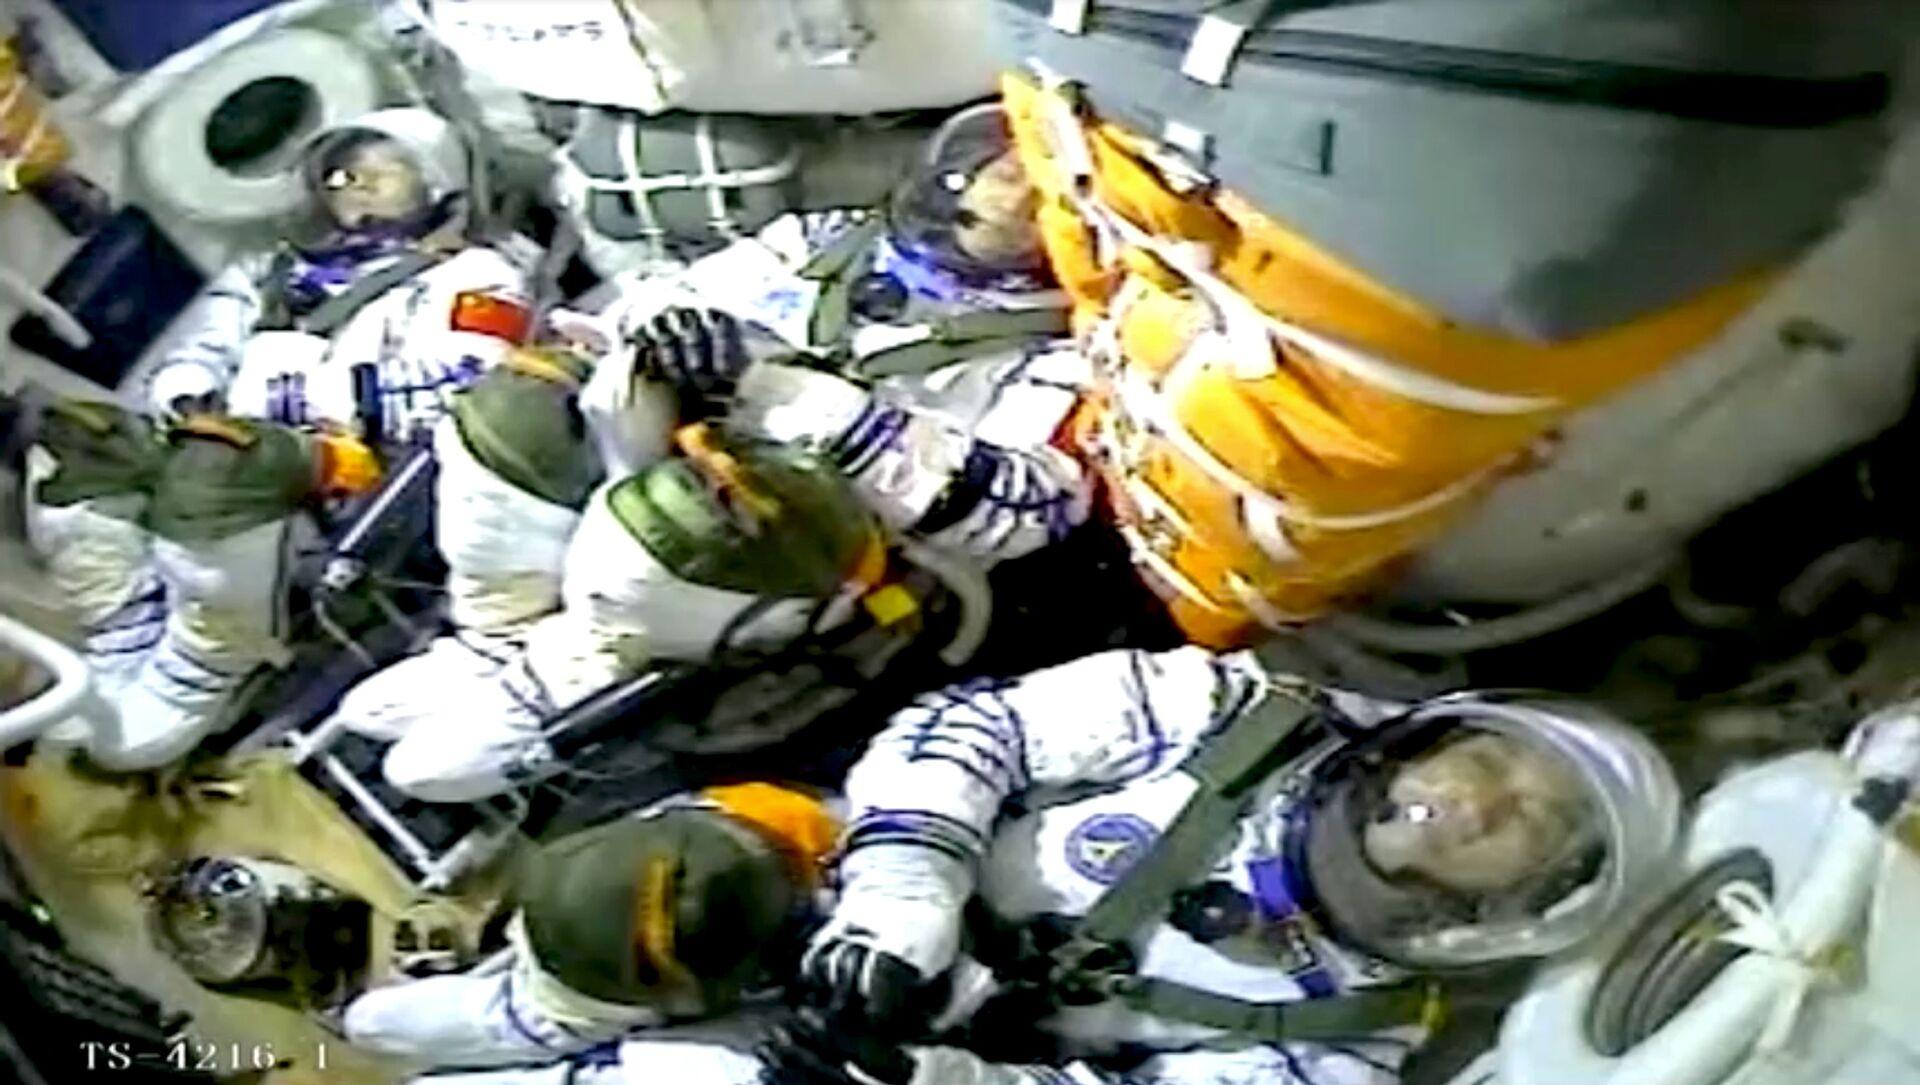 Çin, kurmakta olduğu uzay istasyonuna ilk astronot ekibini gönderdi - Sputnik Türkiye, 1920, 17.06.2021